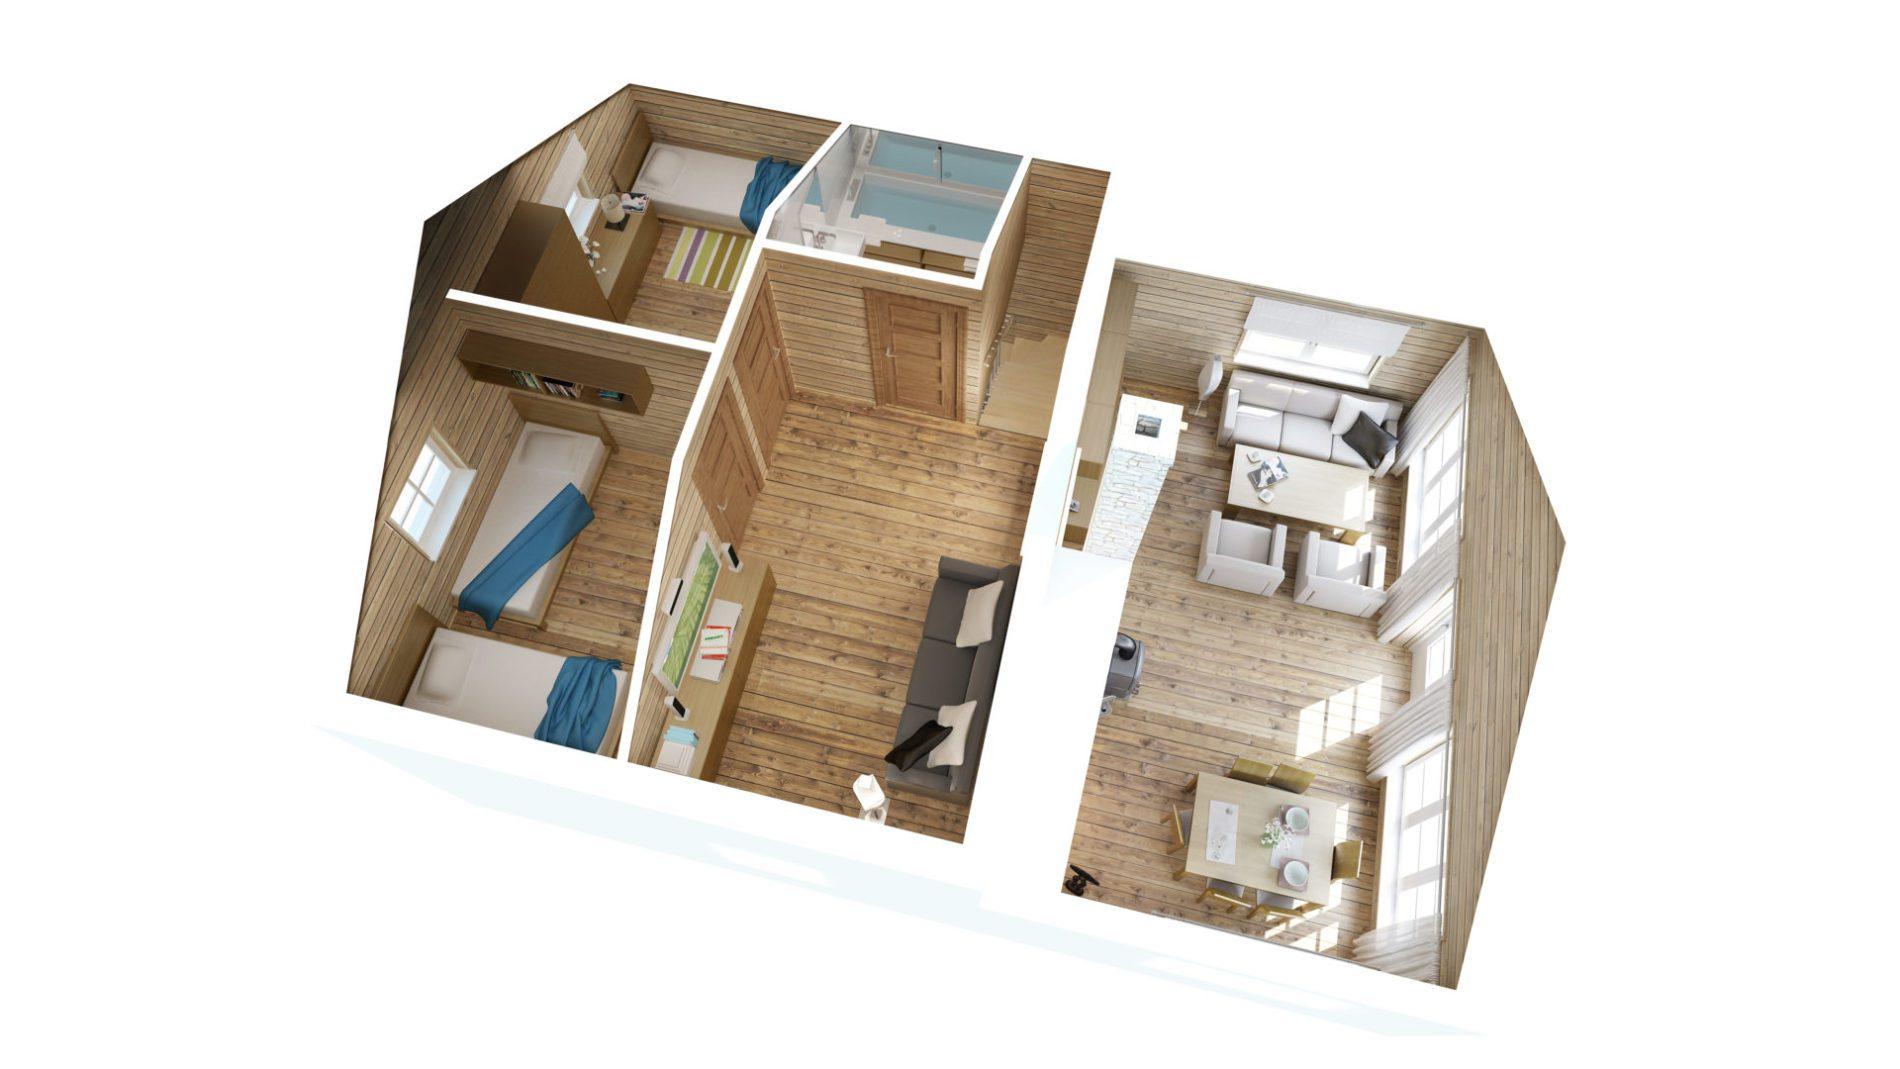 plan 3d piętra